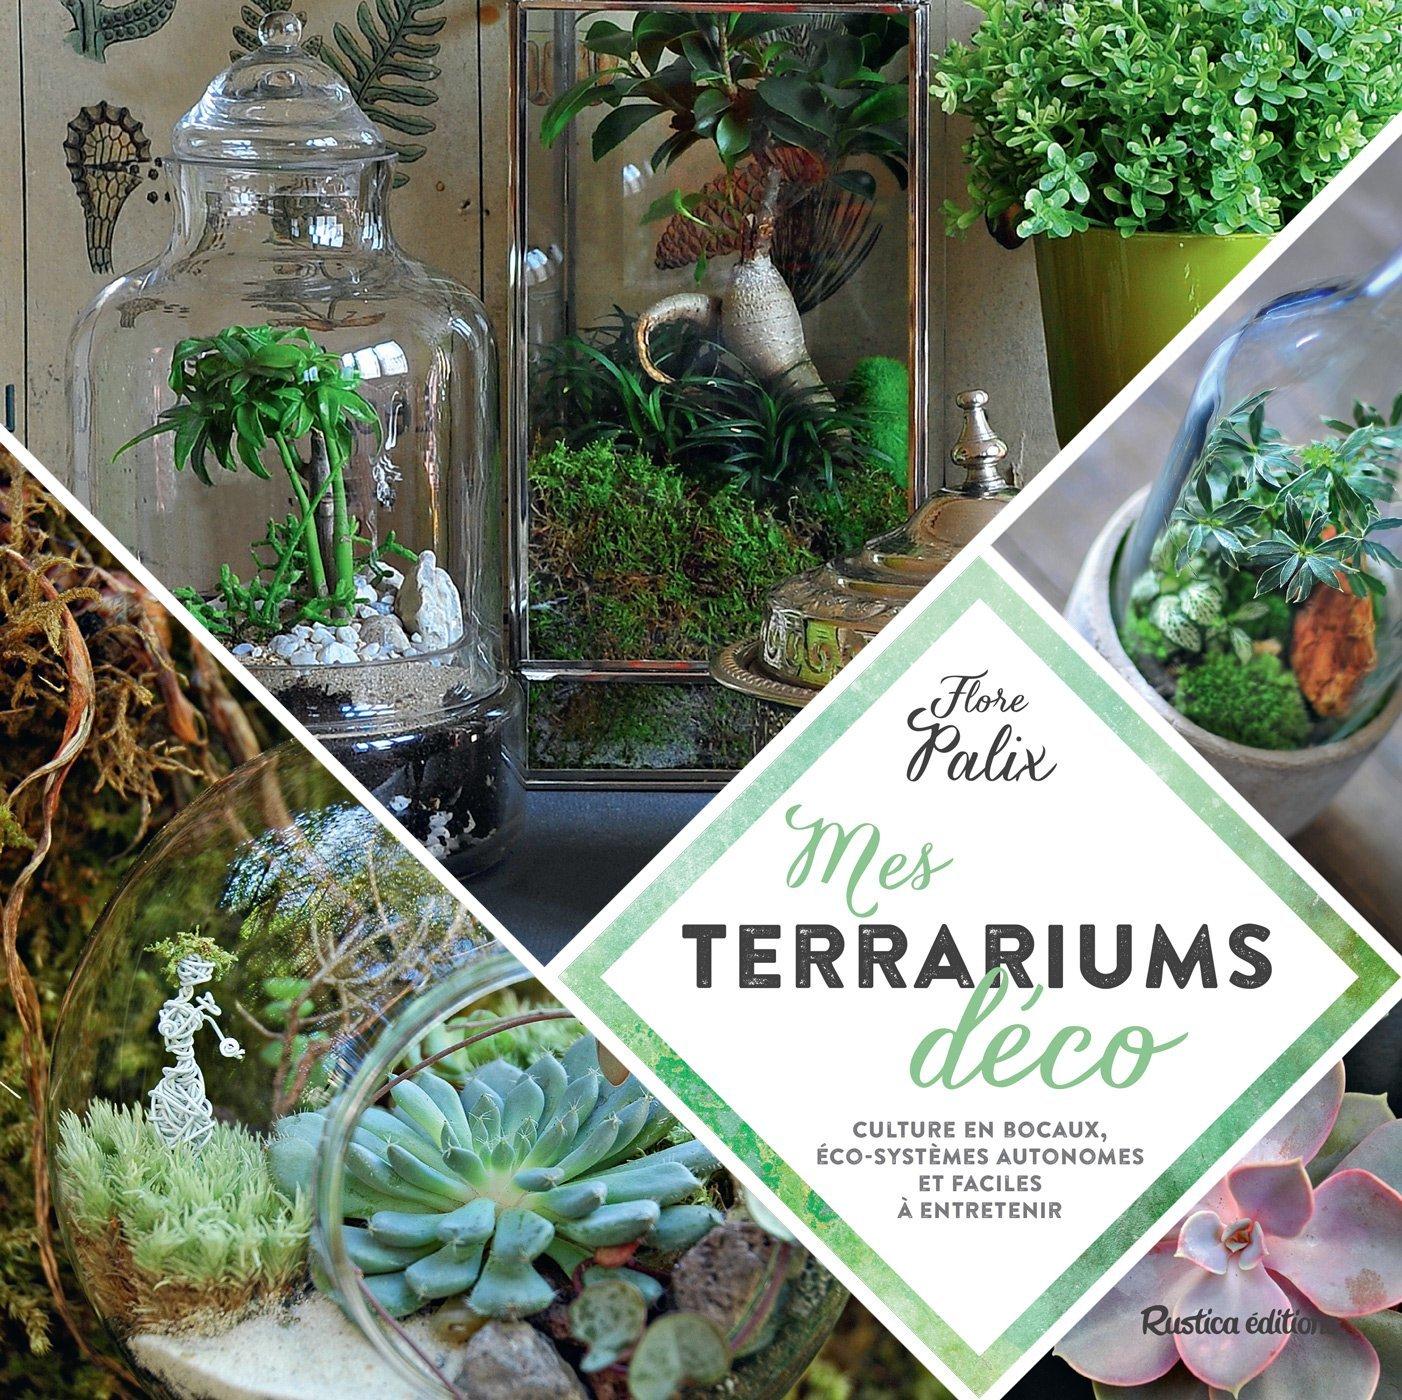 Mes terrariums déco - Culture en bocaux, éco-systèmes autonomes et faciles à entretenir